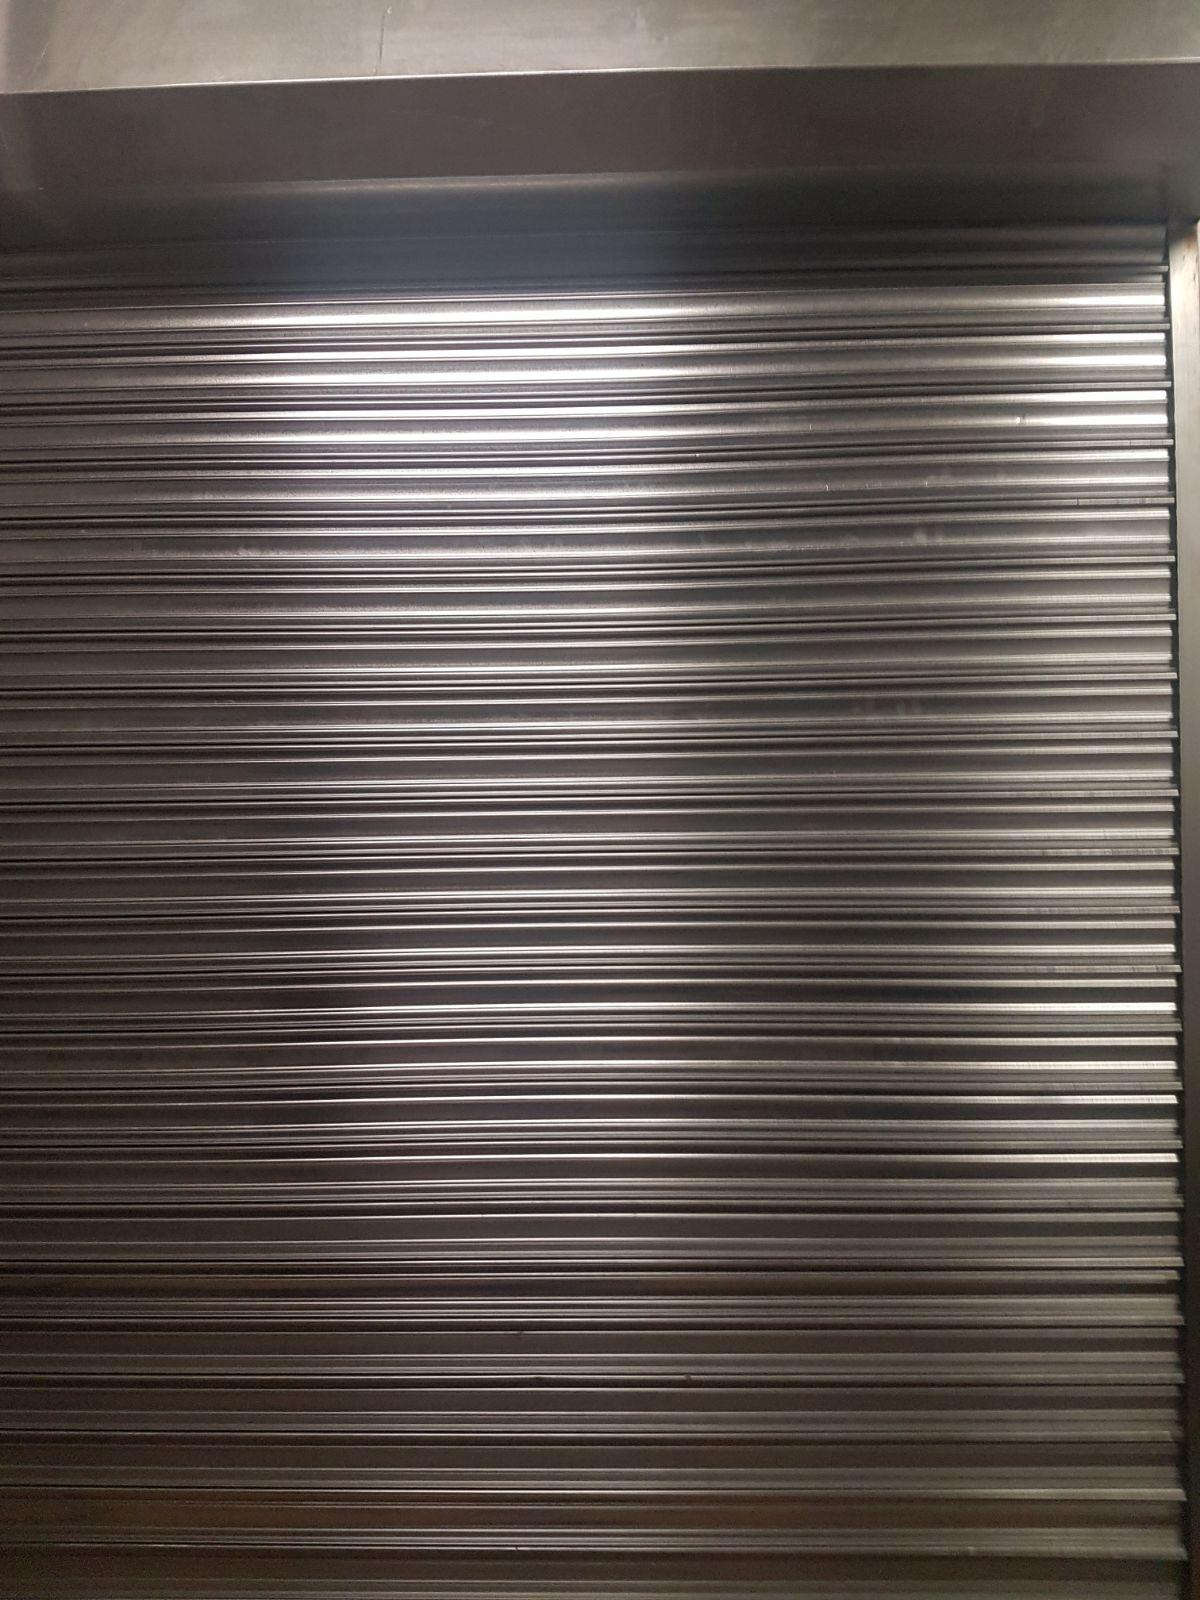 Fabricación e instalacion de nuevas puertas enrollables en Arrecife (Lanzarote)